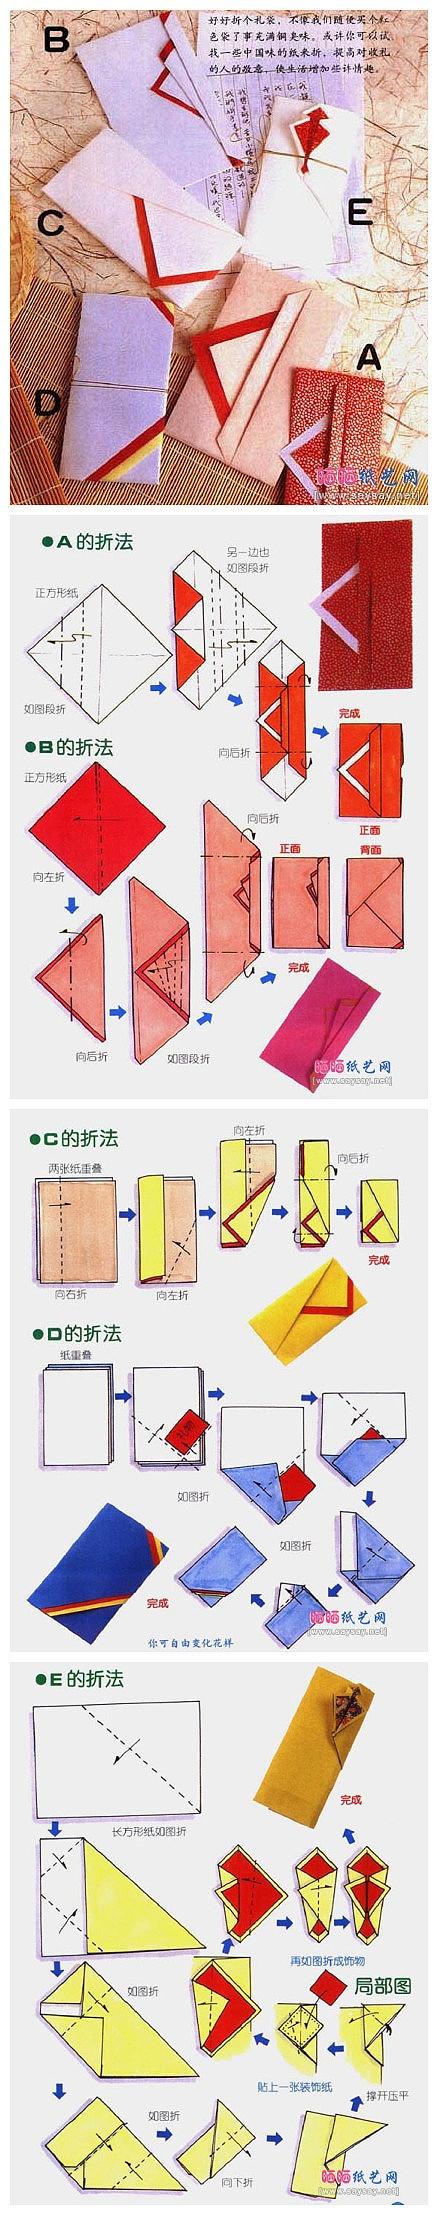 origami stationery